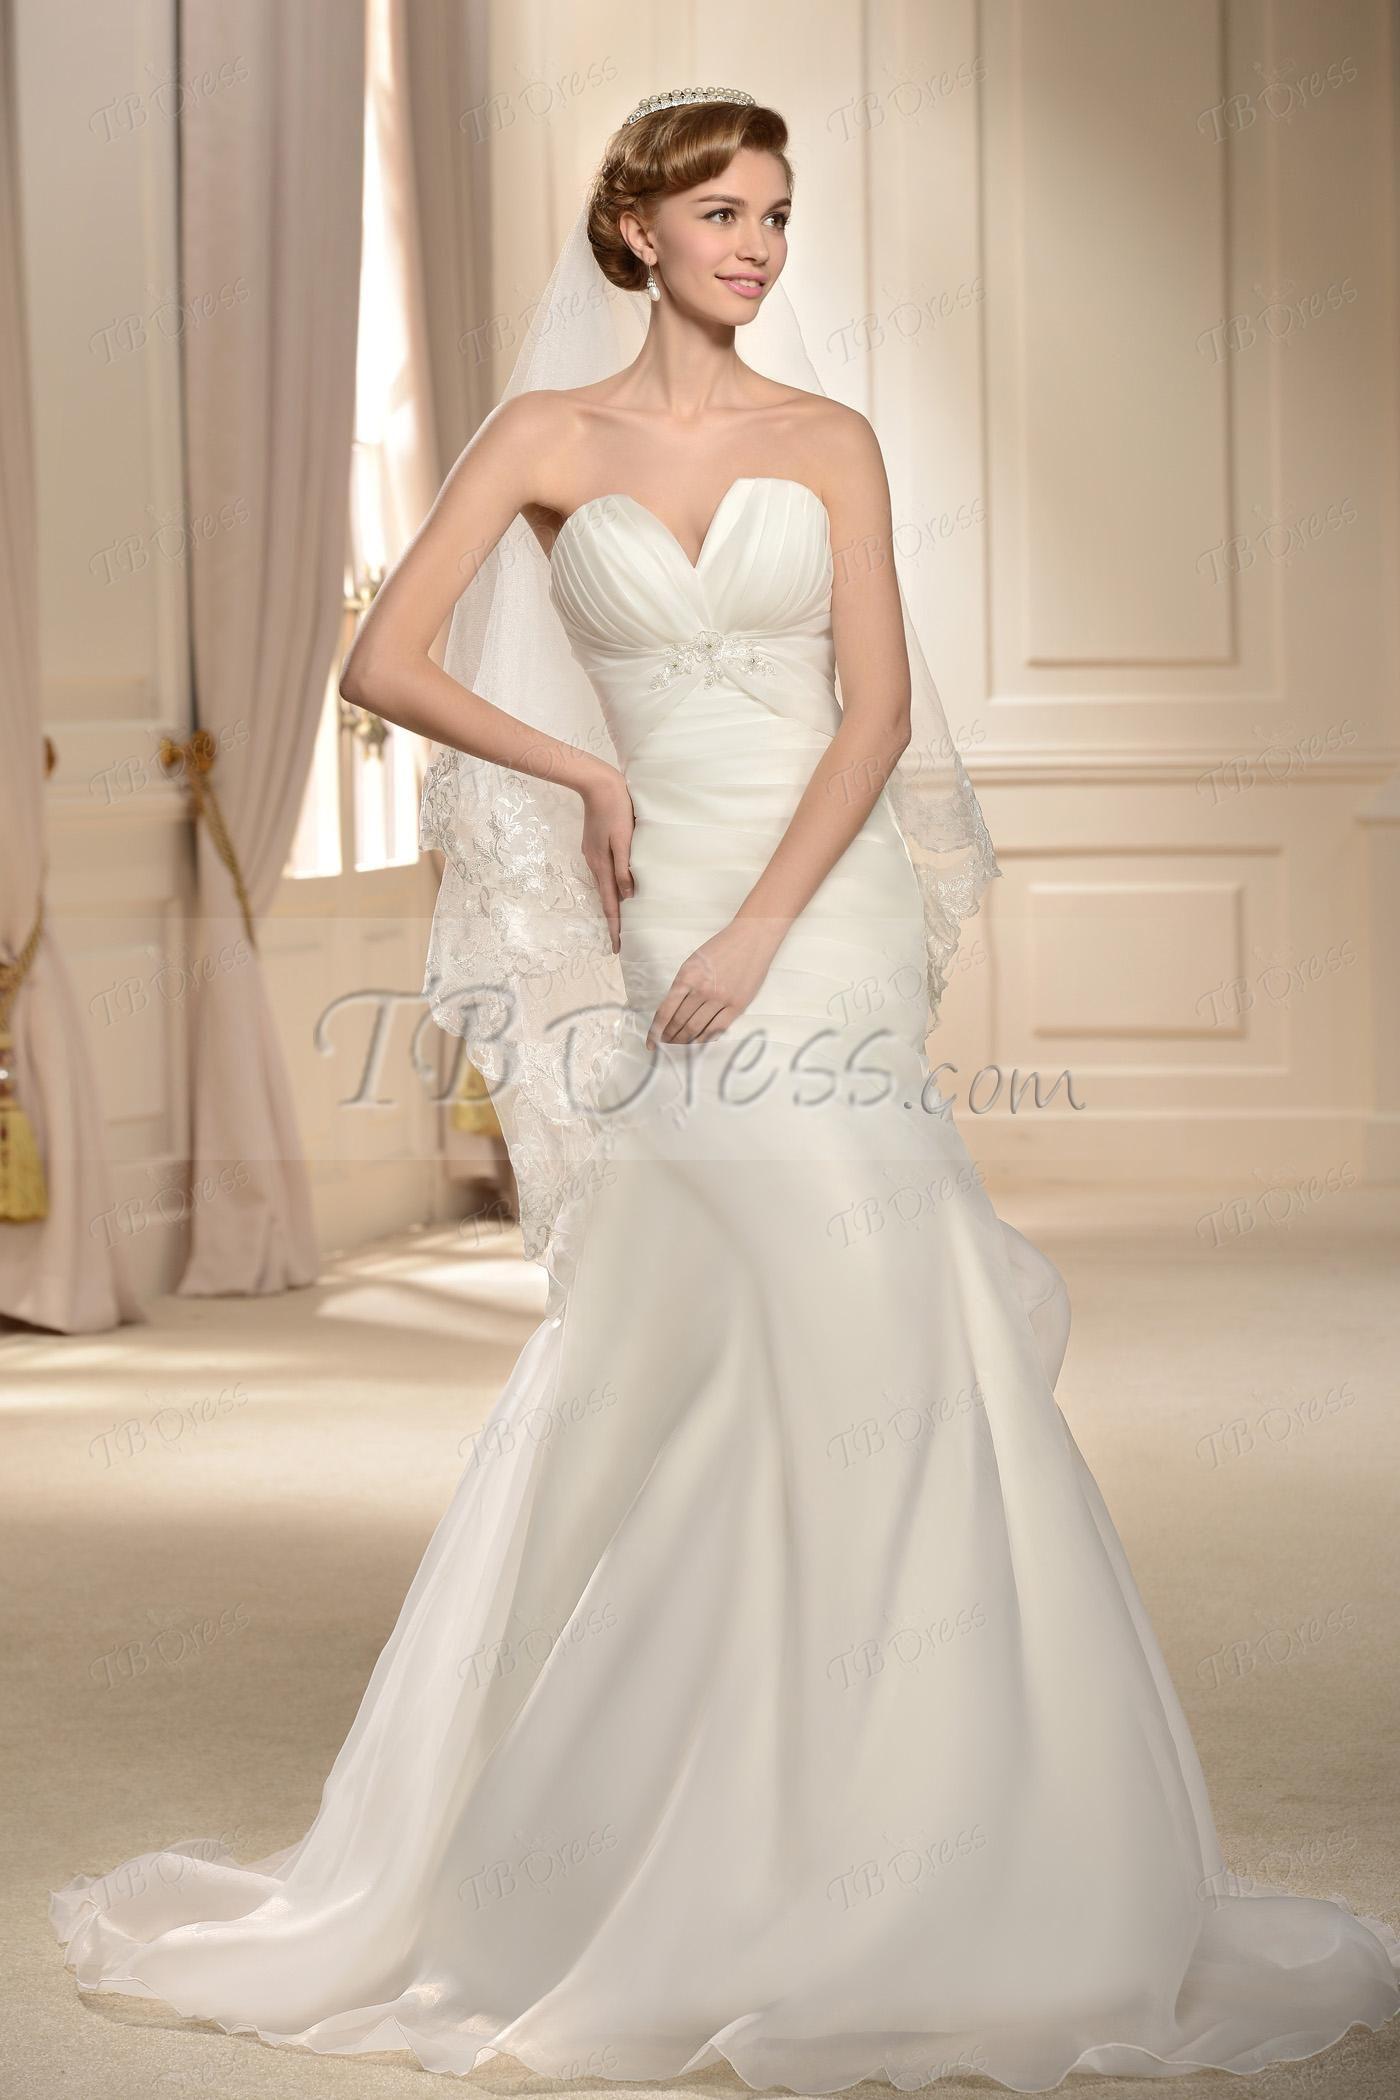 Trumpet style wedding dresses  Terrific Strapless Aline Floorlength Ruched Court Wedding Dress